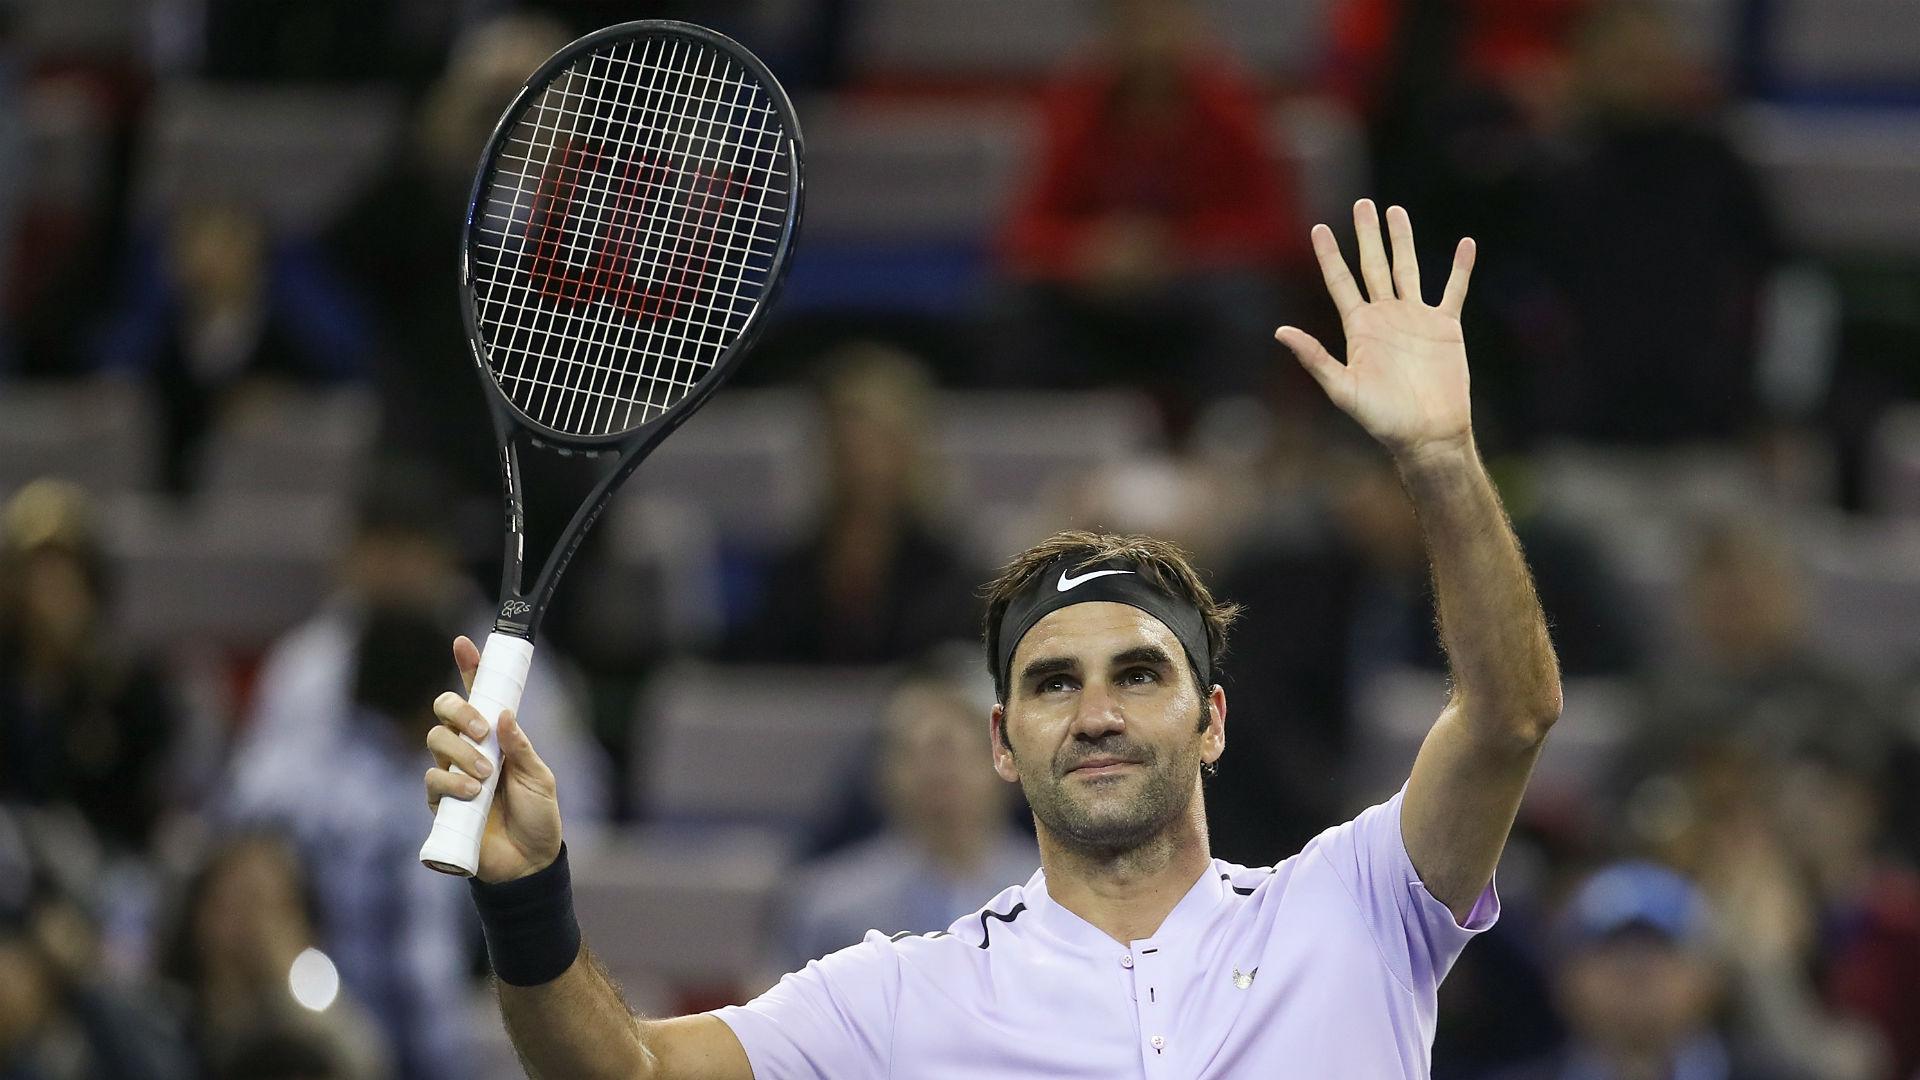 Shanghai Masters Zverev And Federer Go Through Sporting